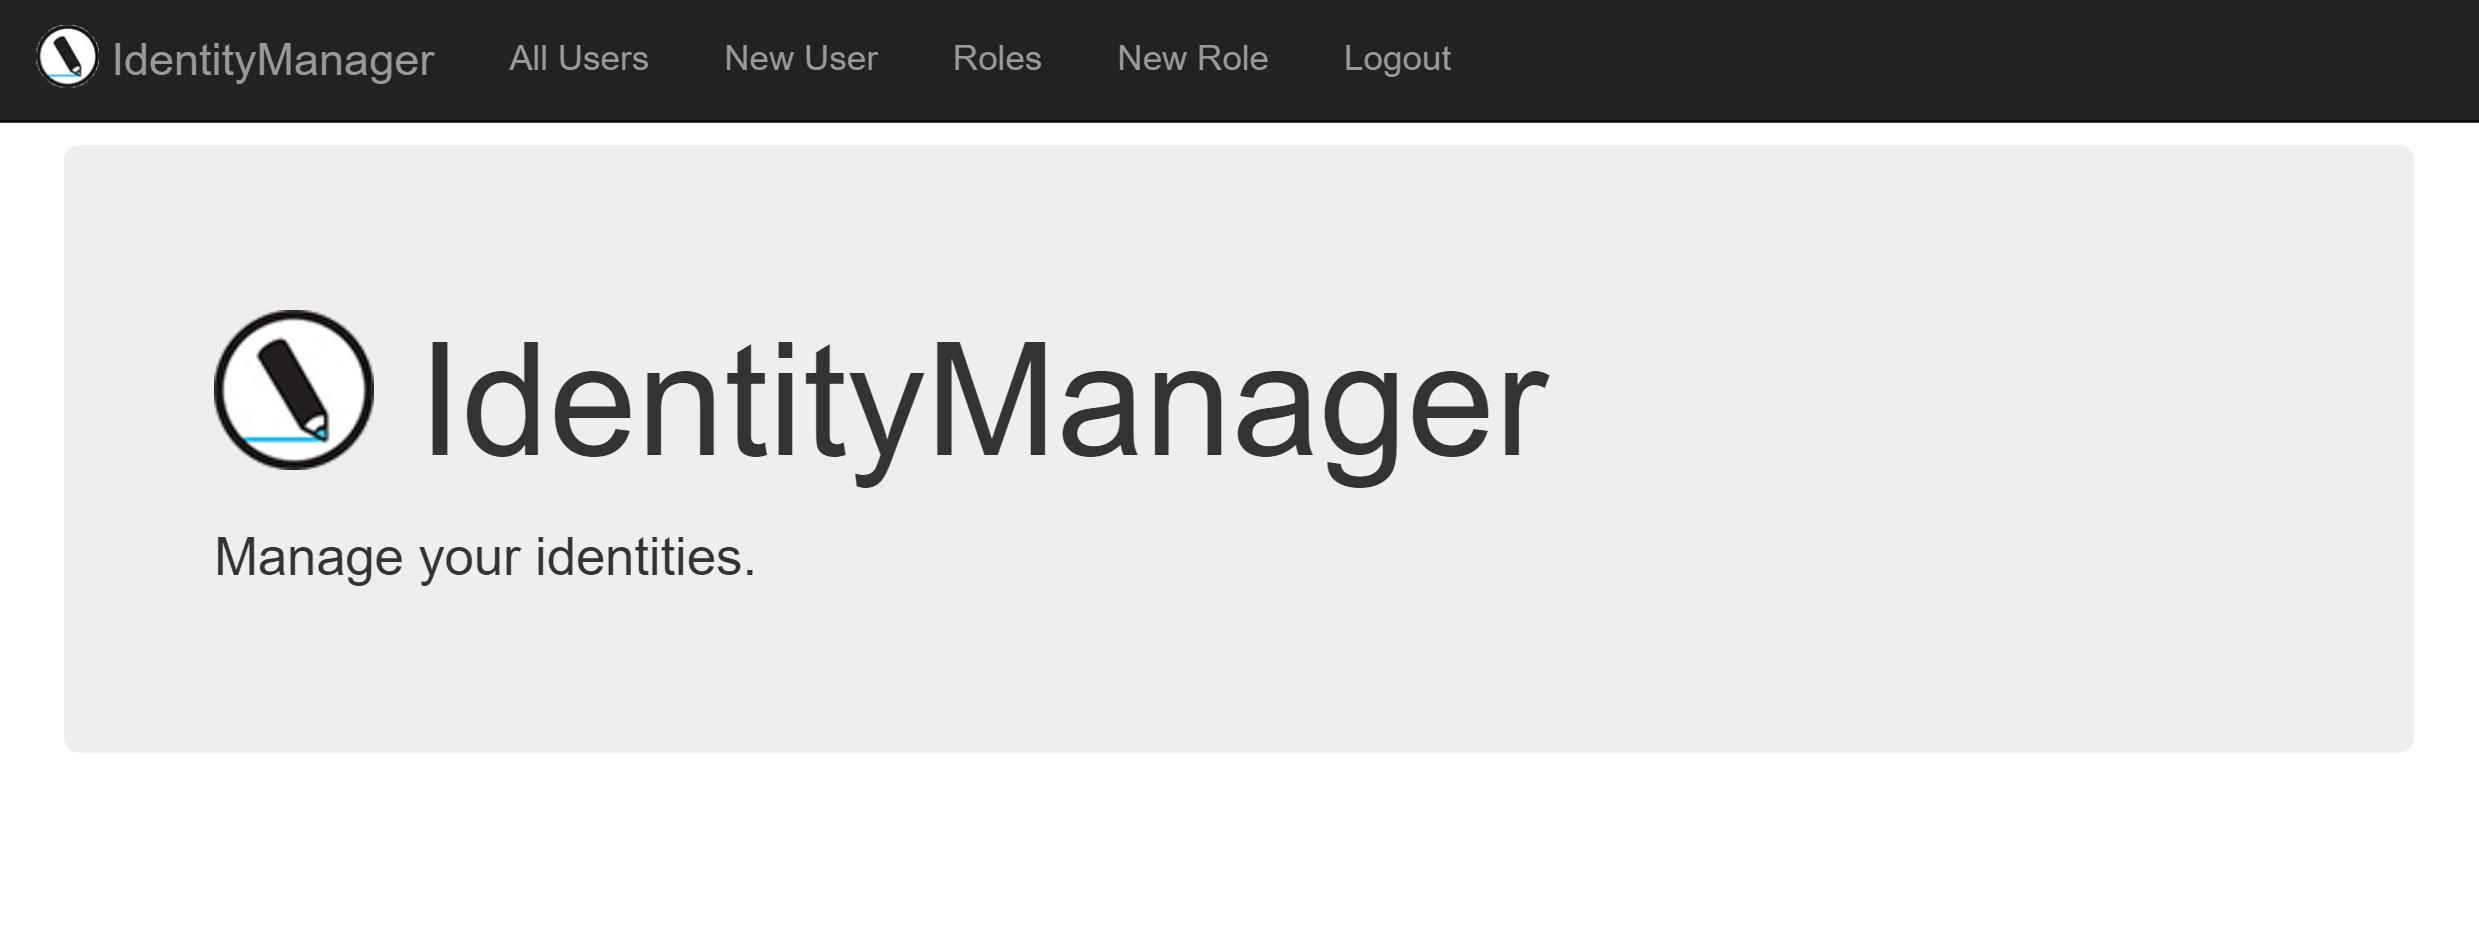 identity manager using asp identity - scott brady